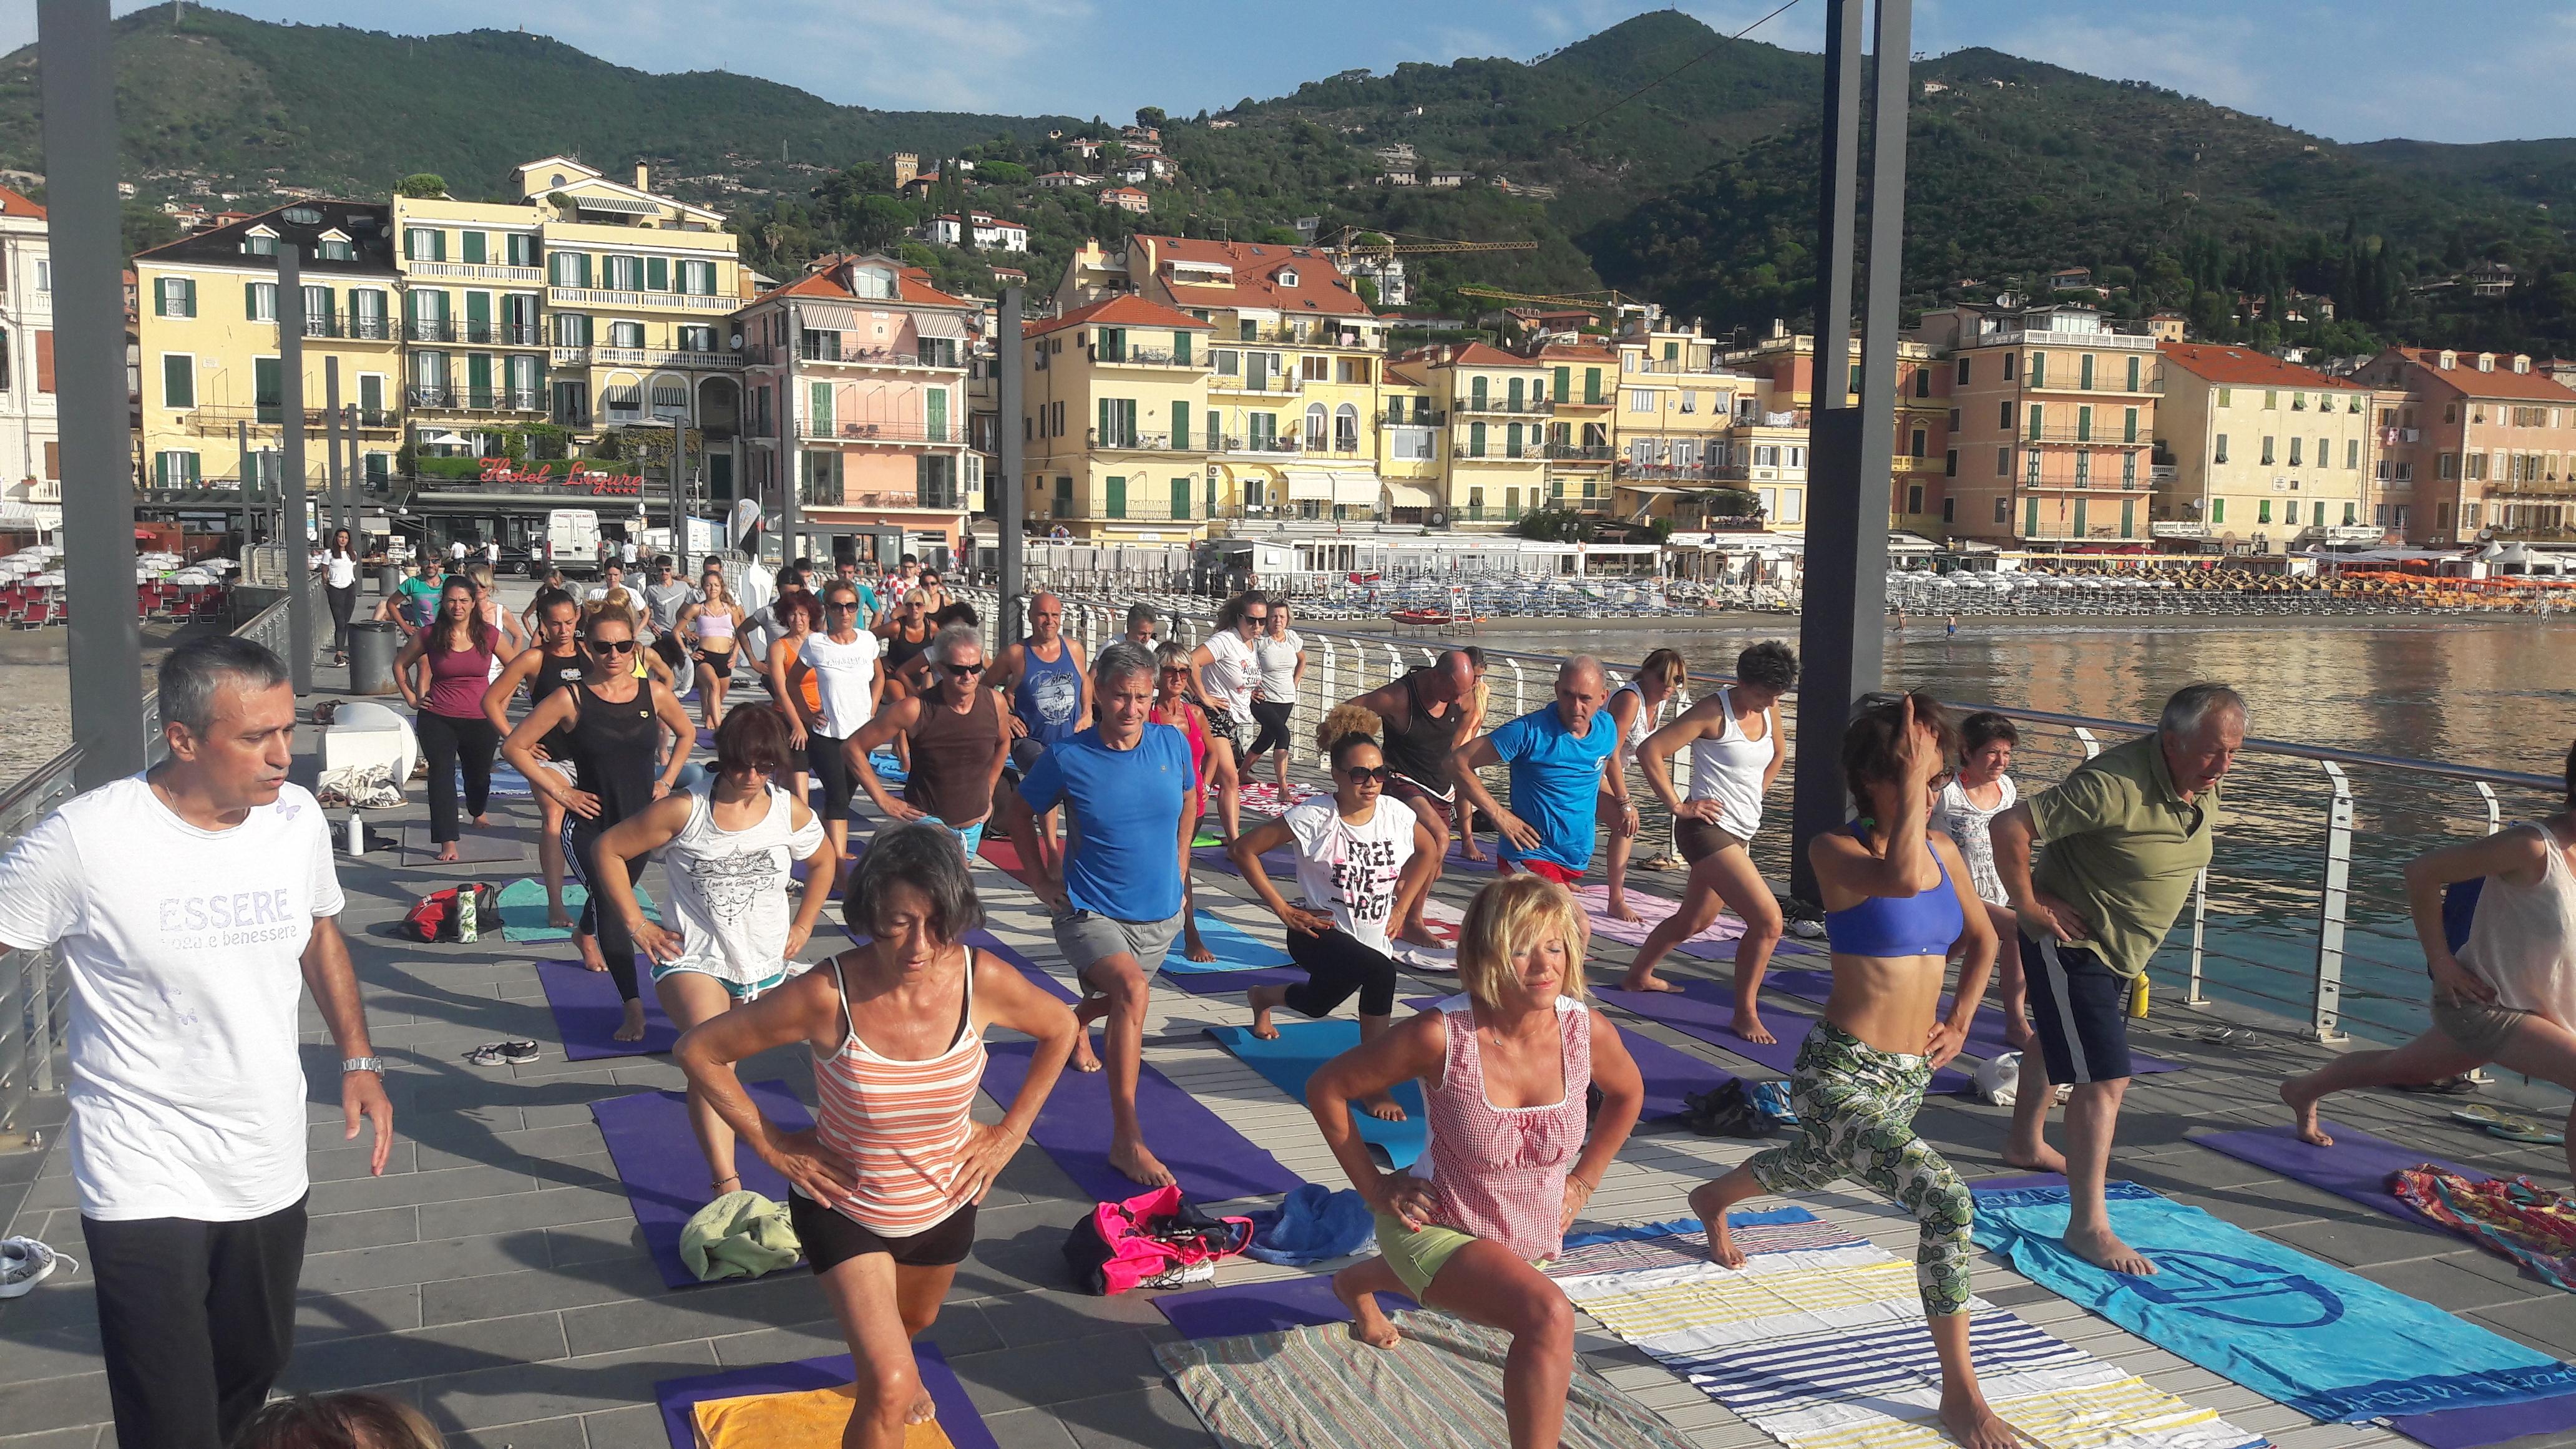 essere-free-yoga-gratuito-benessere-per-tutti-village-citta-alassio-estate-lucia-ragazzi-summer-town-wellness-34